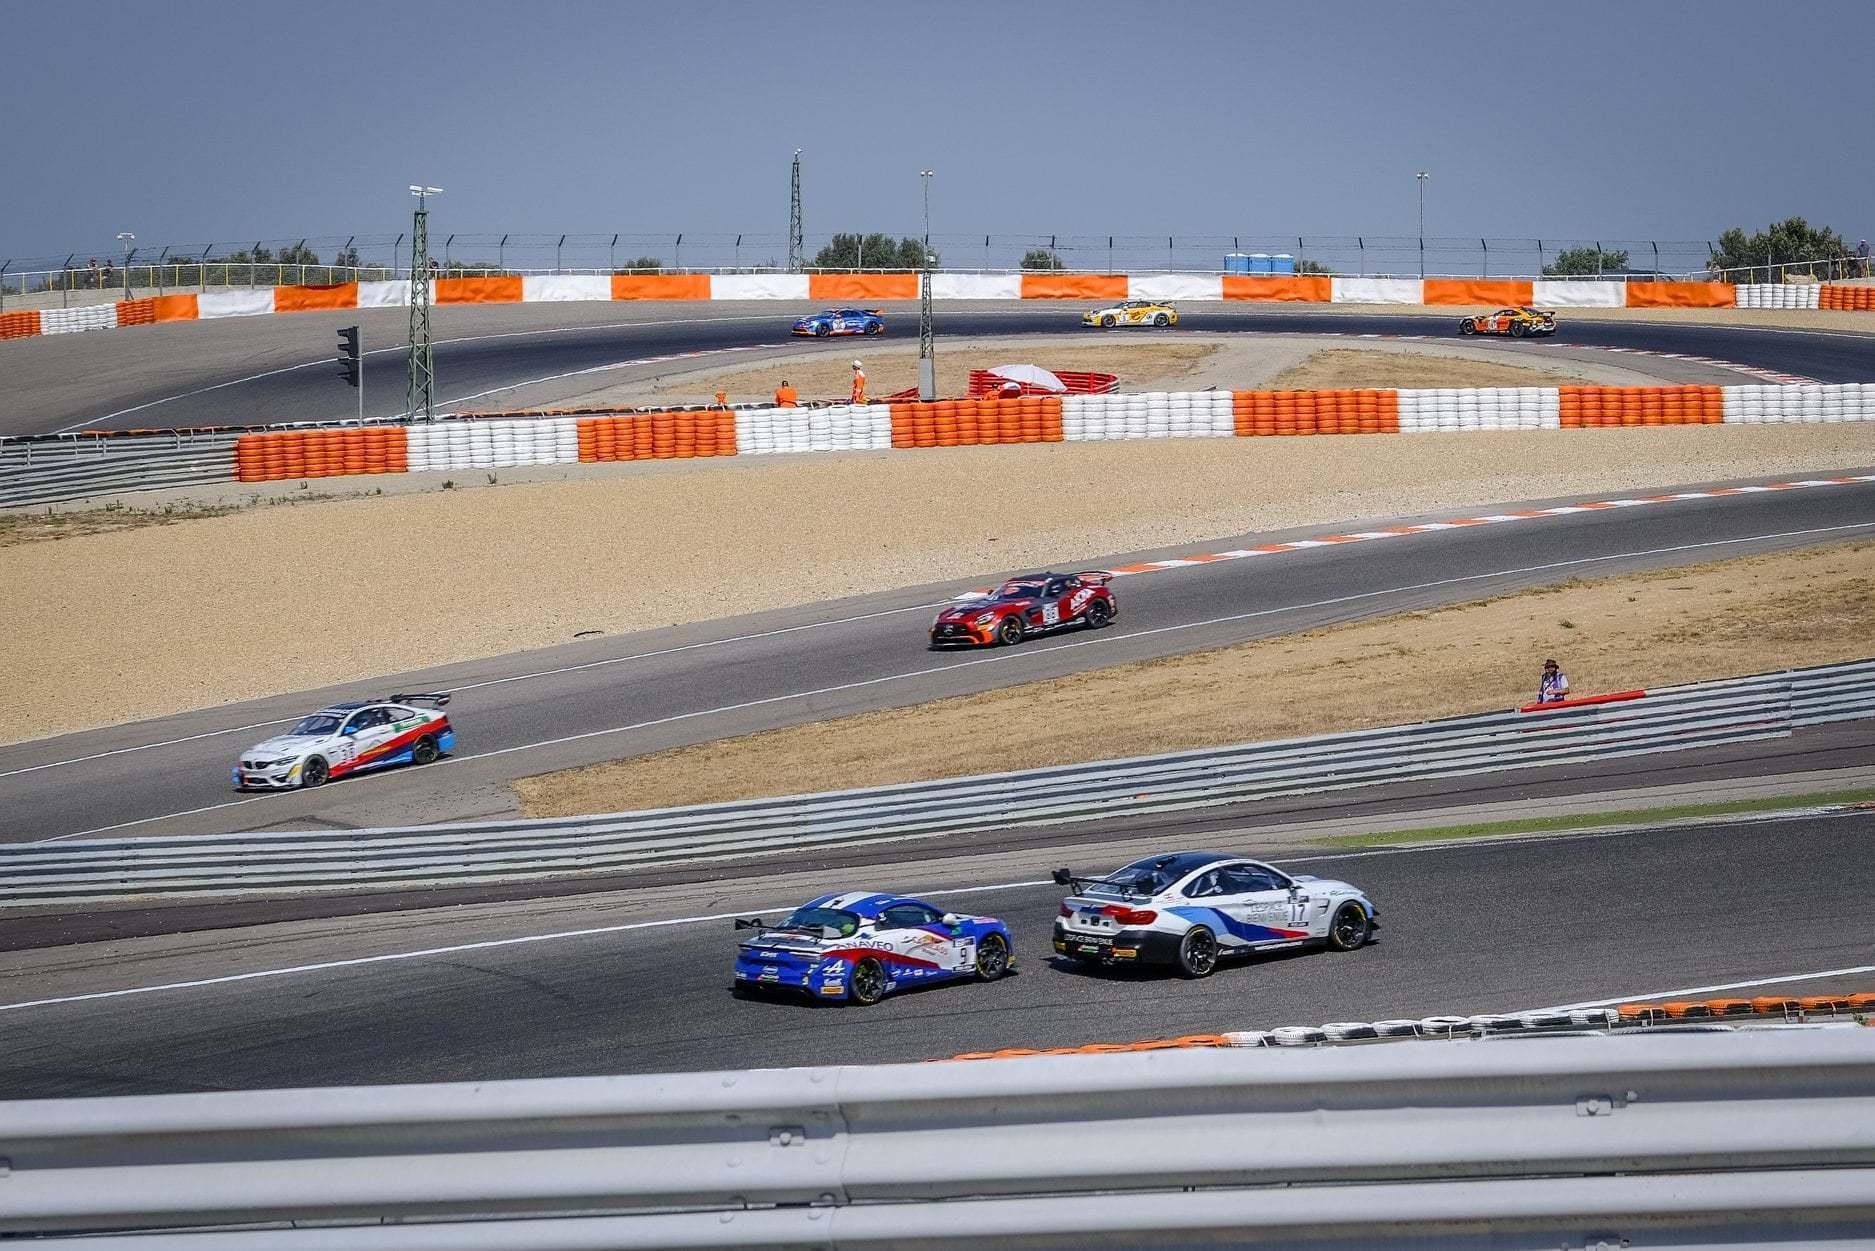 FFSA GT4 Circuit Lédenon Course 1 2019 Bodemer CMR Alpine A110 19 | FFSA GT: Rédélé Compétition s'impose à Lédenon ! (Course 1)